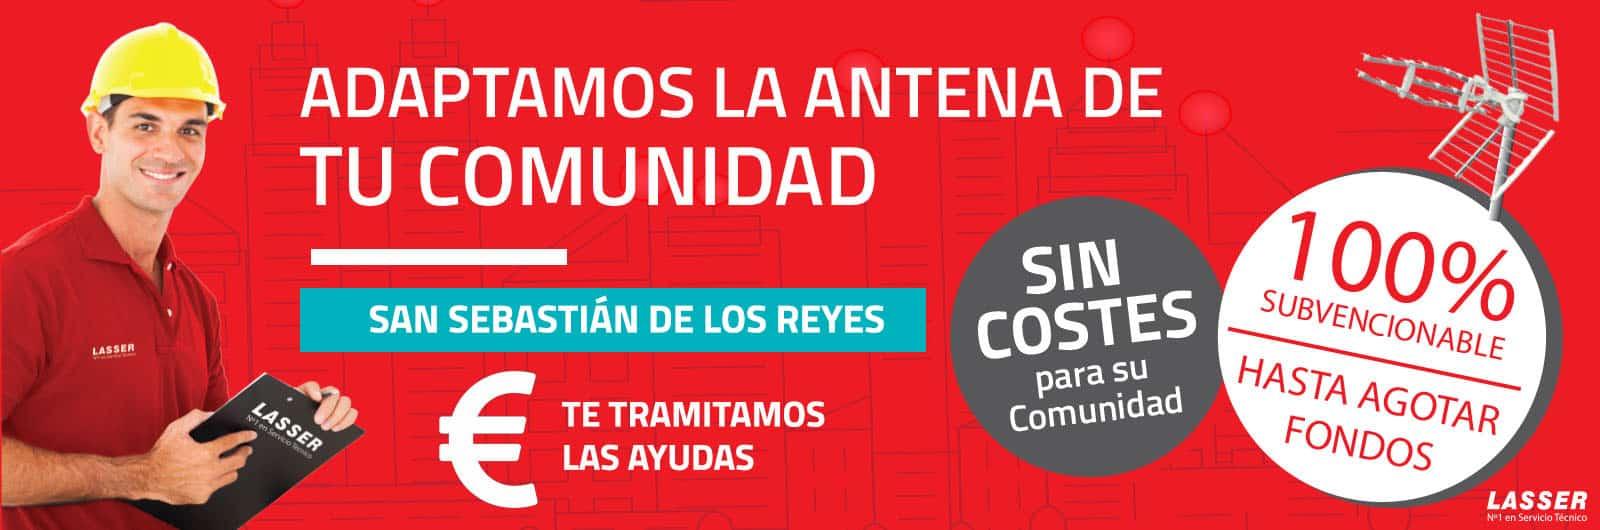 segundo-dividendo-digital-antena-comunidades-promocion-san-sebastian-de-los-reyes-2